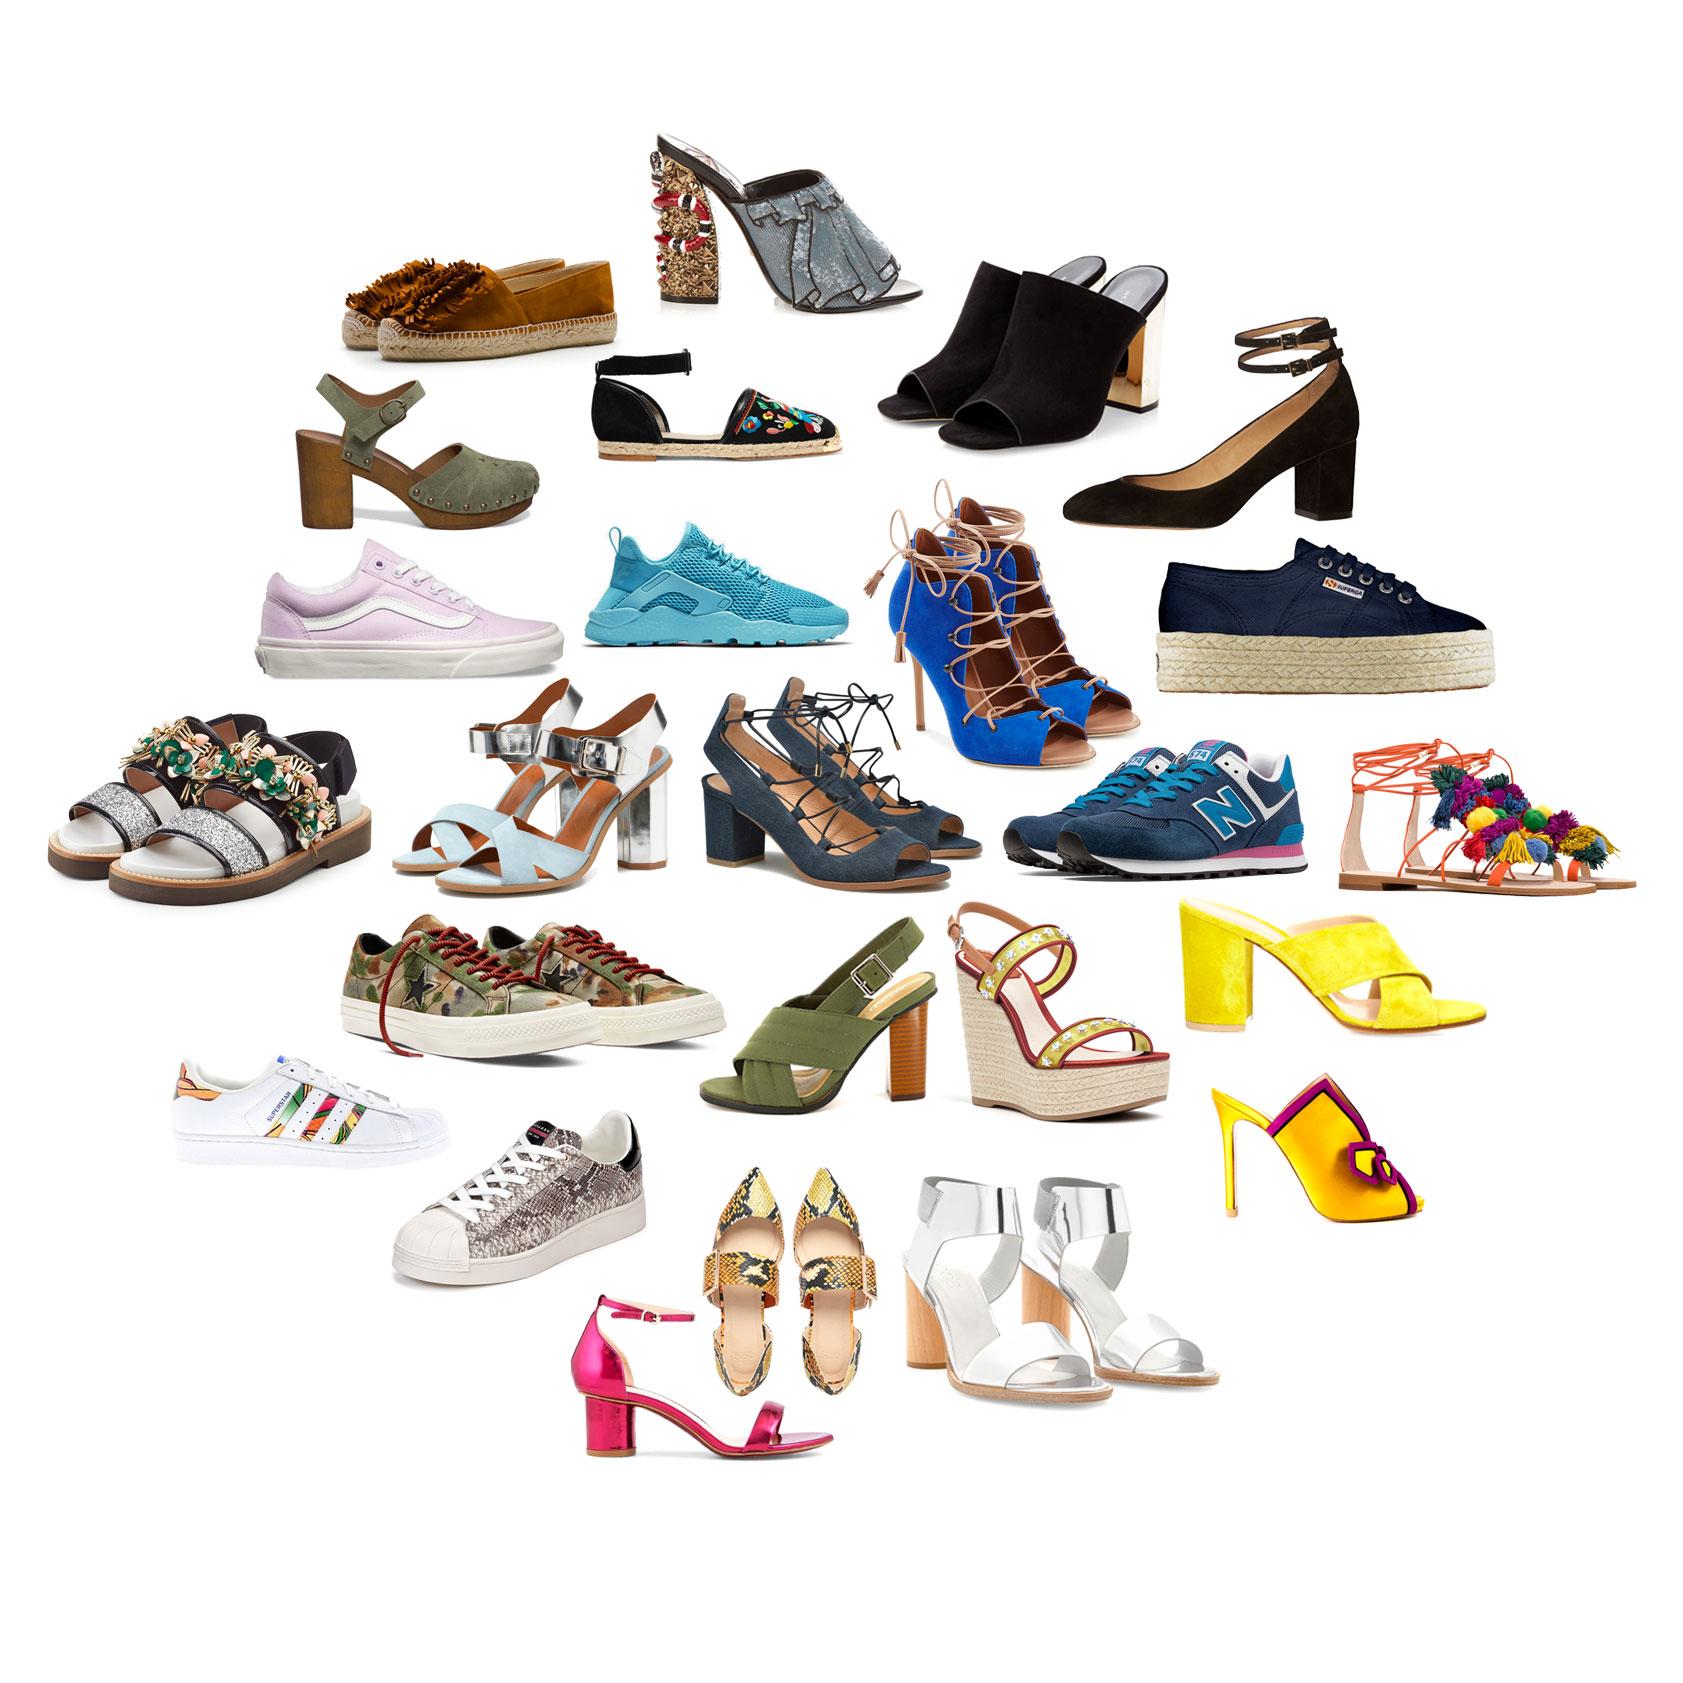 chaussures printemps t 2016 d couvrez les plus belles. Black Bedroom Furniture Sets. Home Design Ideas